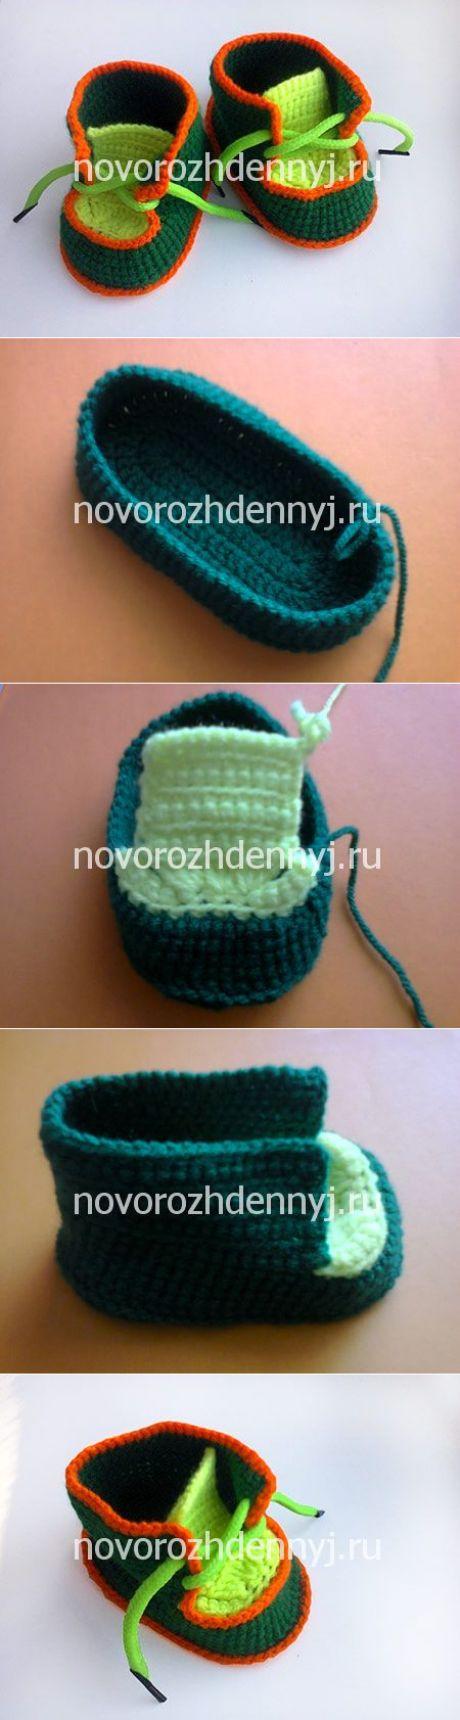 Пинетки ботиночки крючком мастер класс от мамы | Уход за новорожденным